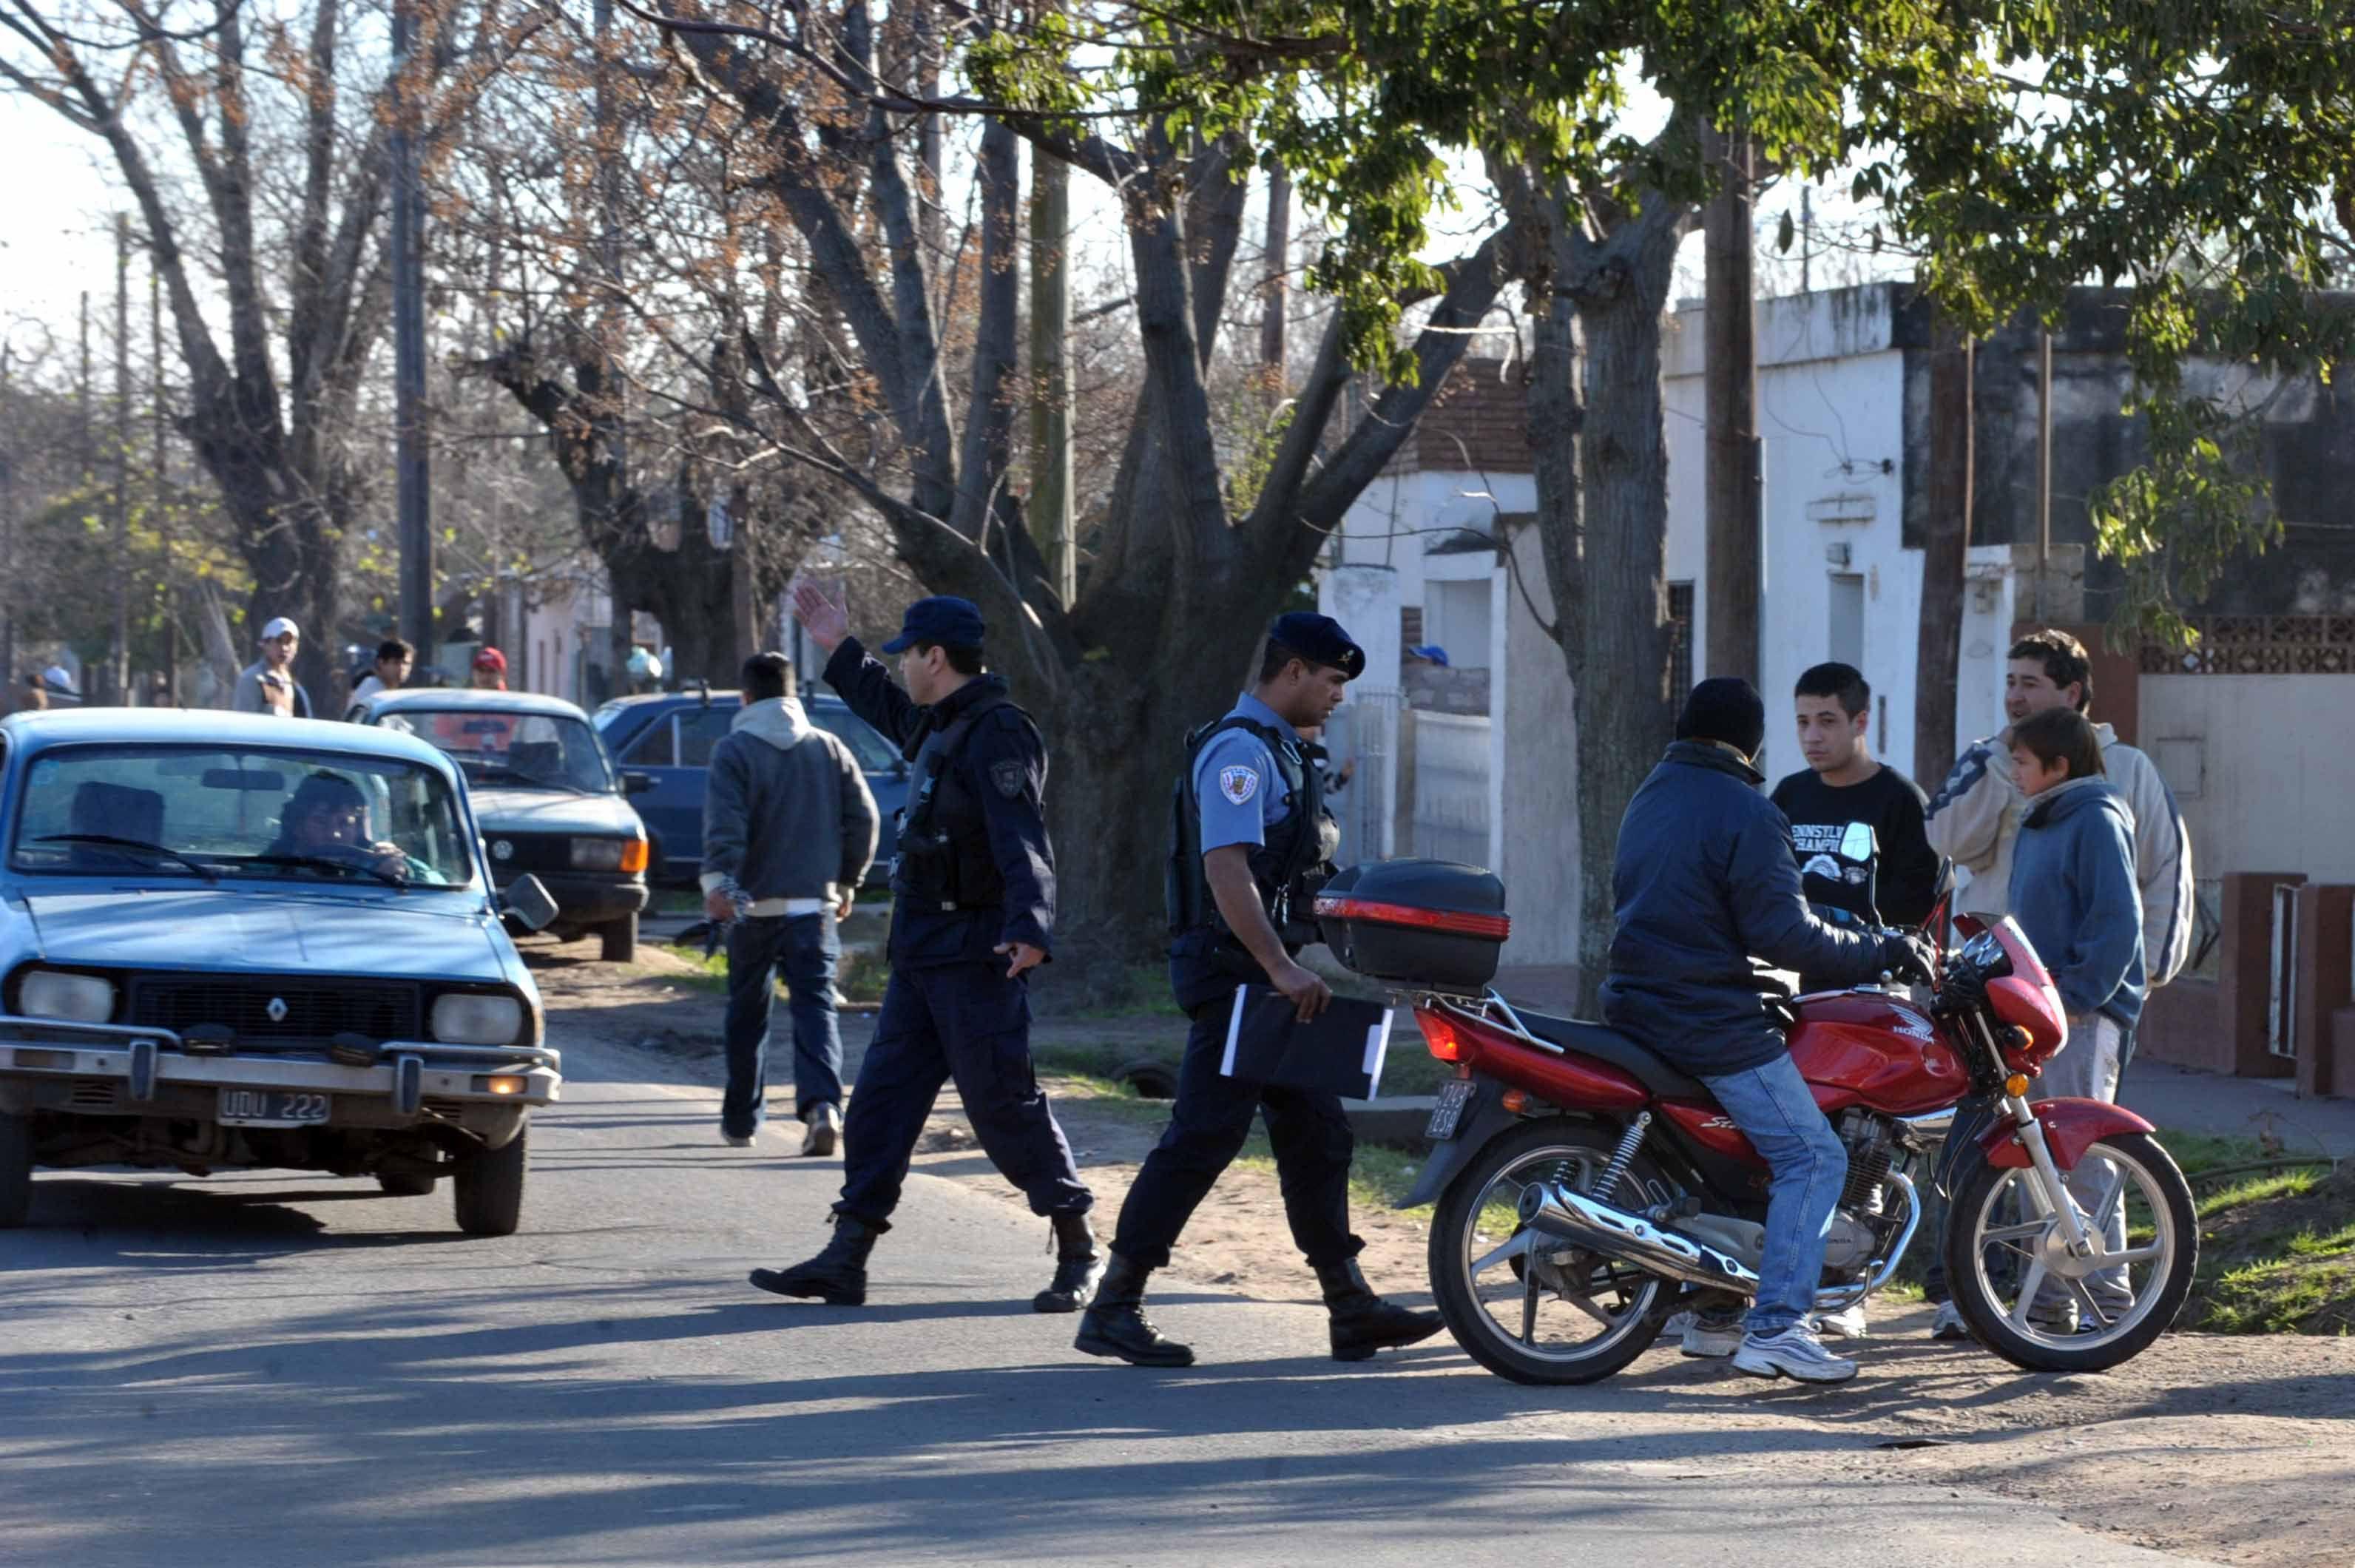 Uno de los controles a motoclistas que busca quitar vehículos robados de las calles. (Foto de archivo: G. de los Ríos)